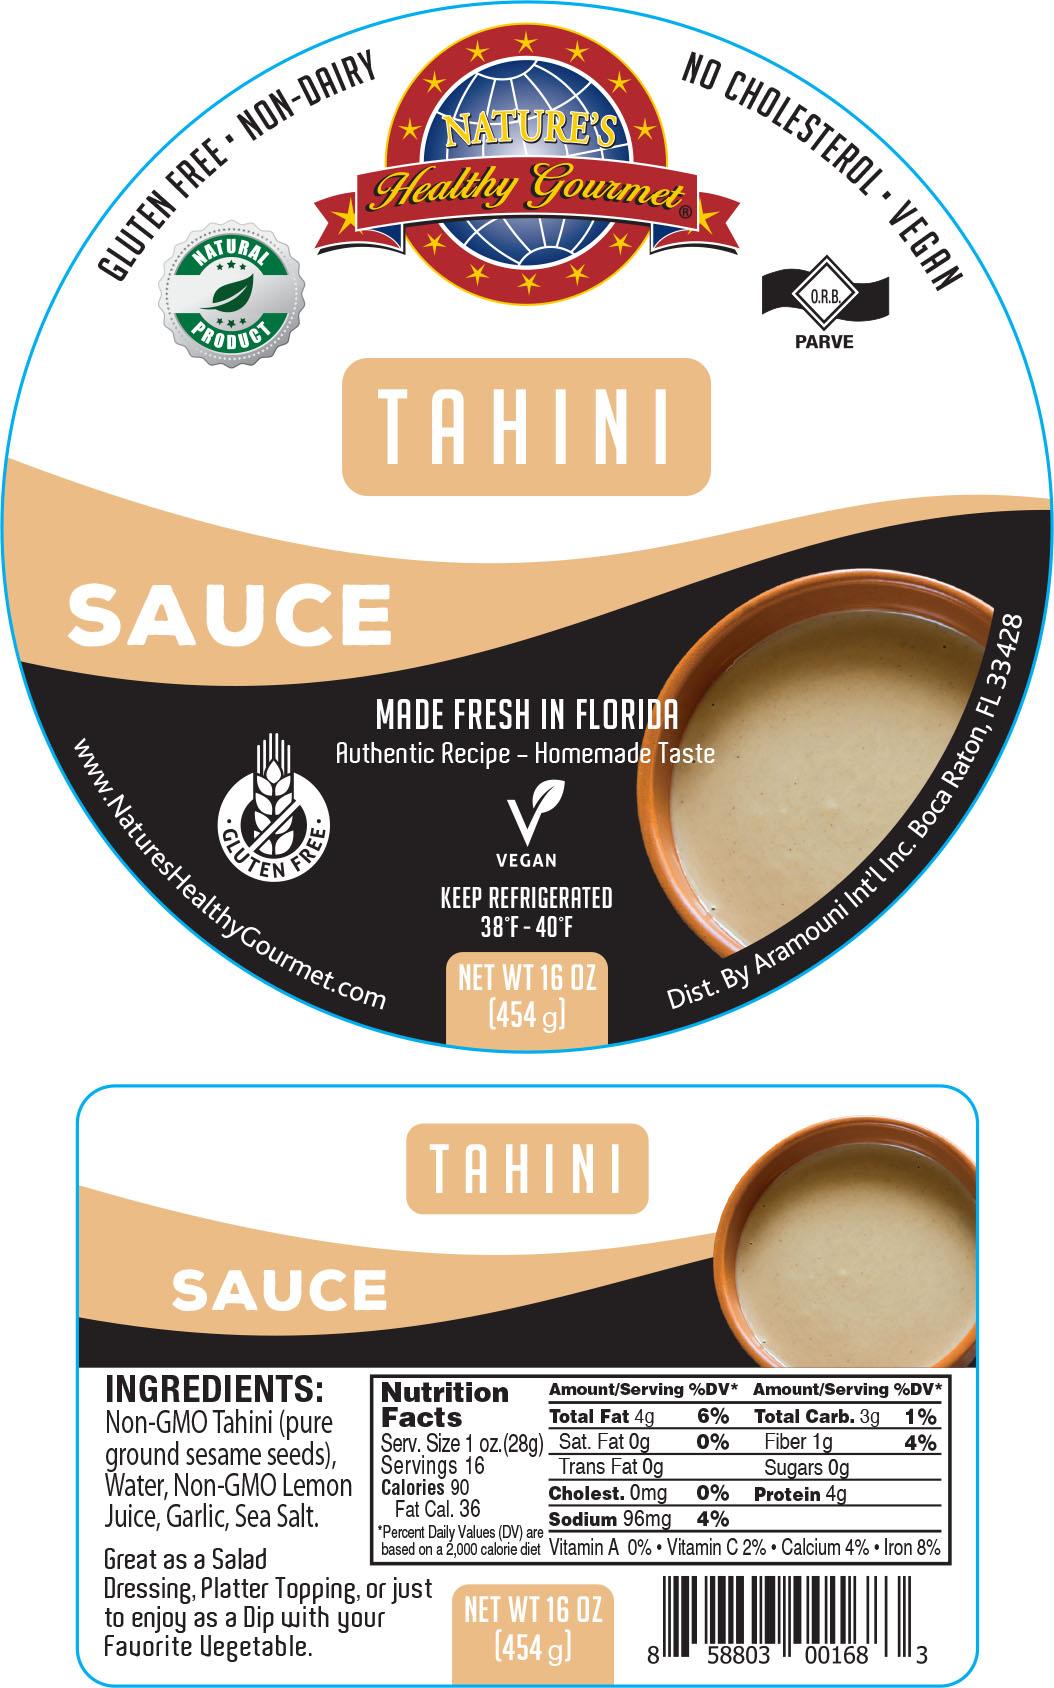 Nature's Tahini Sauce